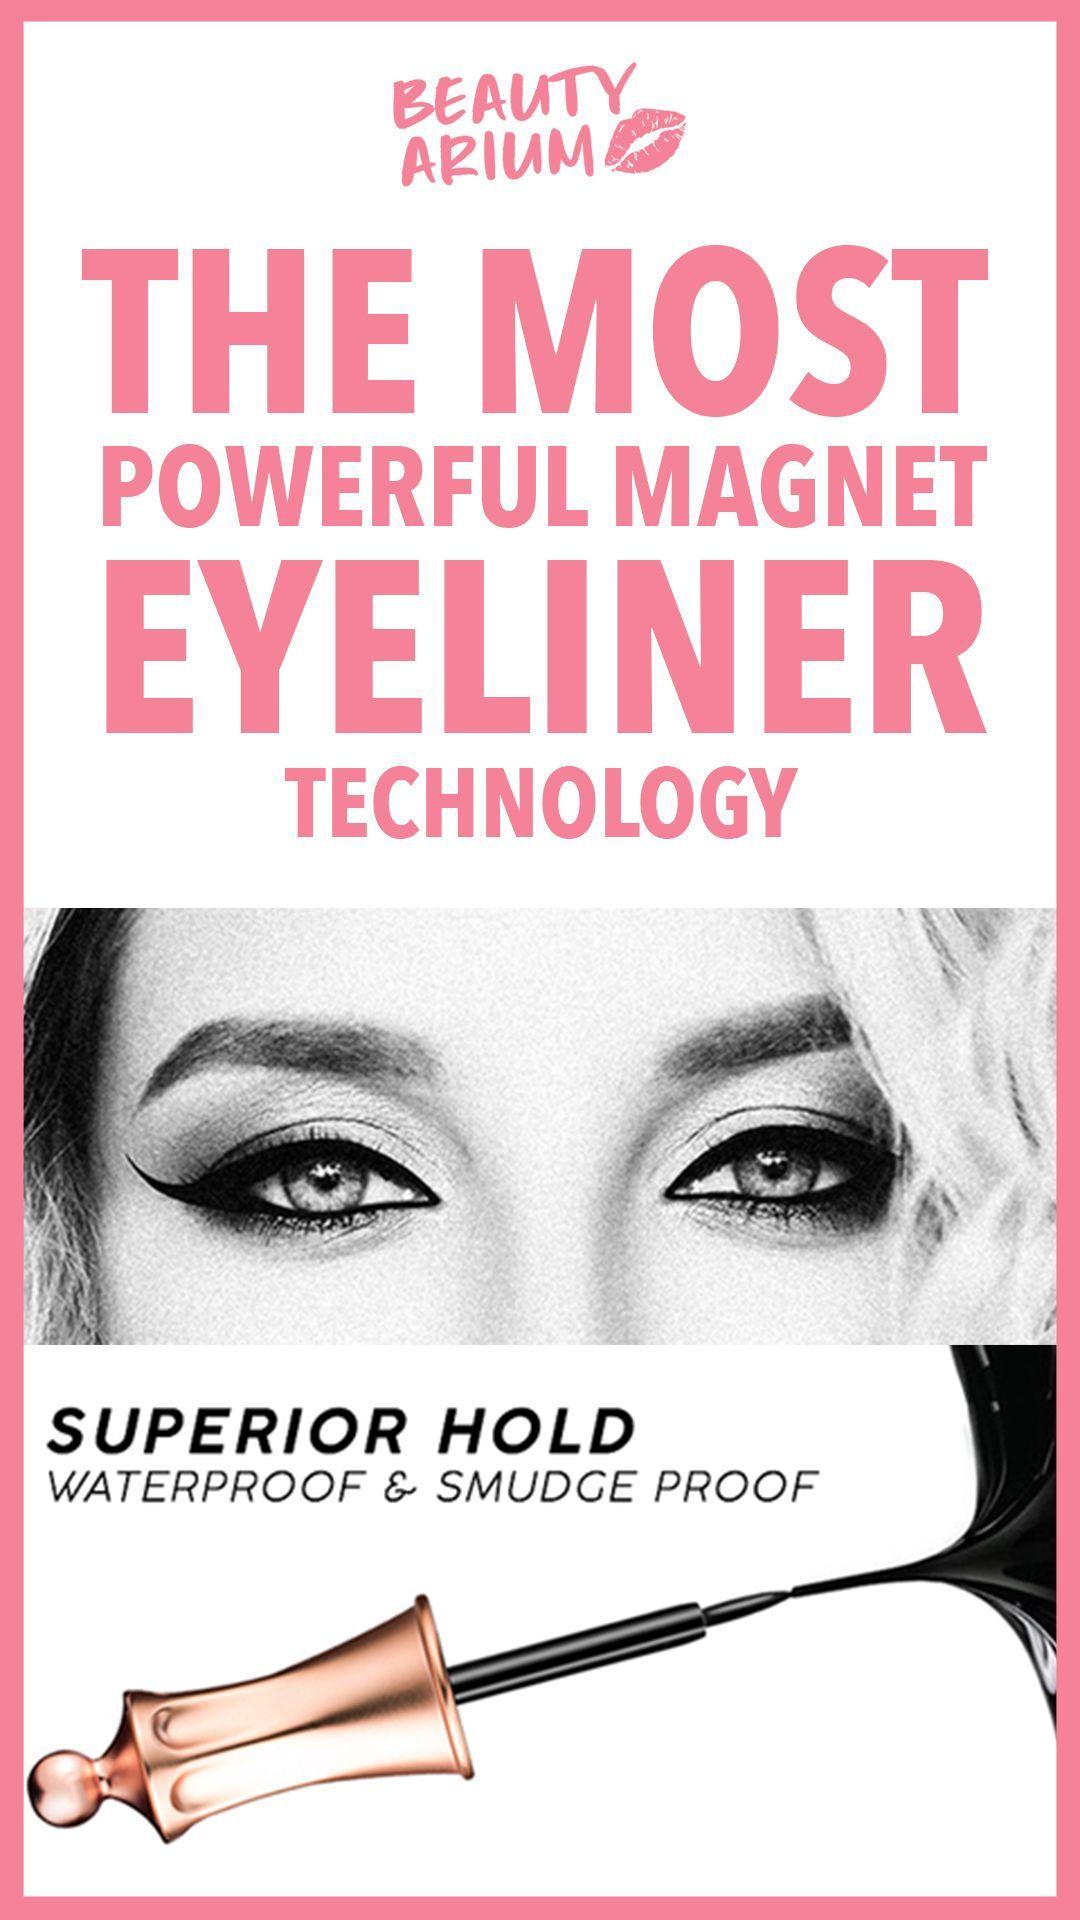 Magnetic eyeliner by Beautyarium Store    Premier eye-liner magnetique et systeme de faux cil